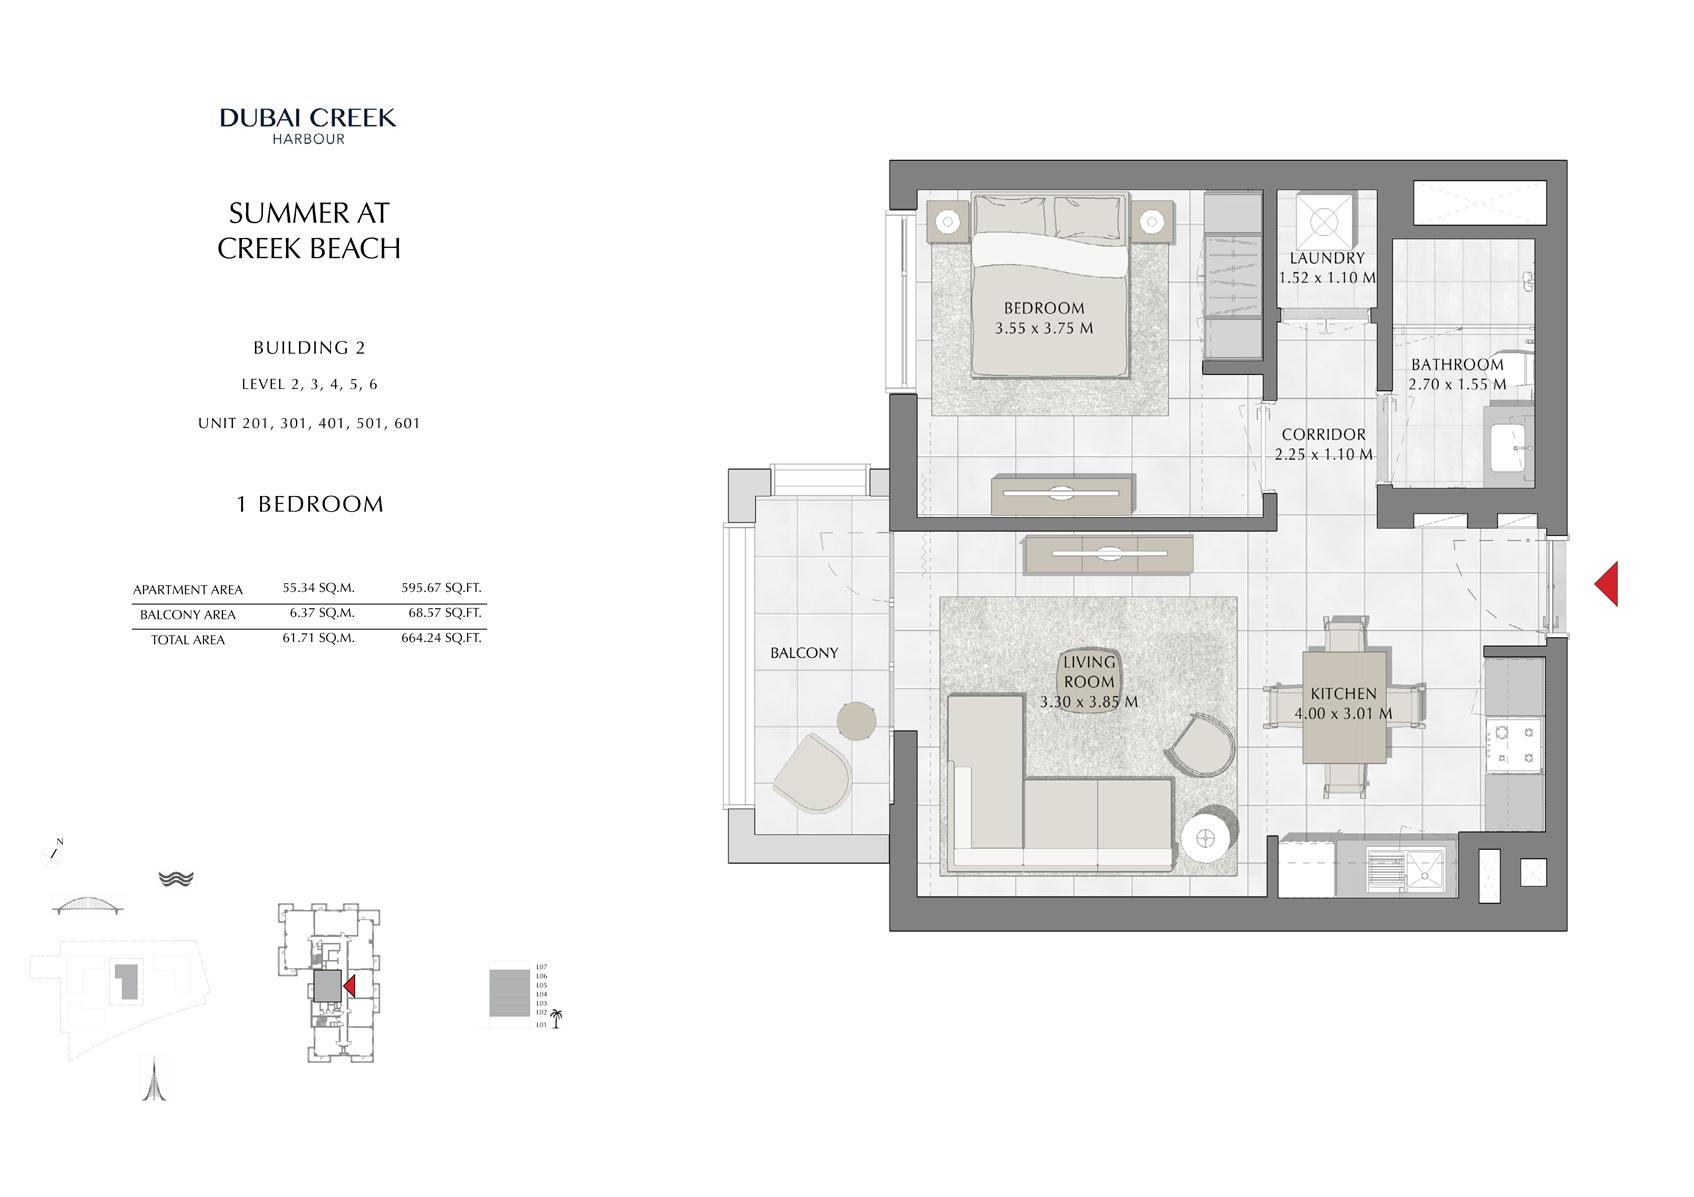 1 Br building 2 Level-2-3-4-5-6 Unit-201-301-401-501-601, Size 664 Sq Ft